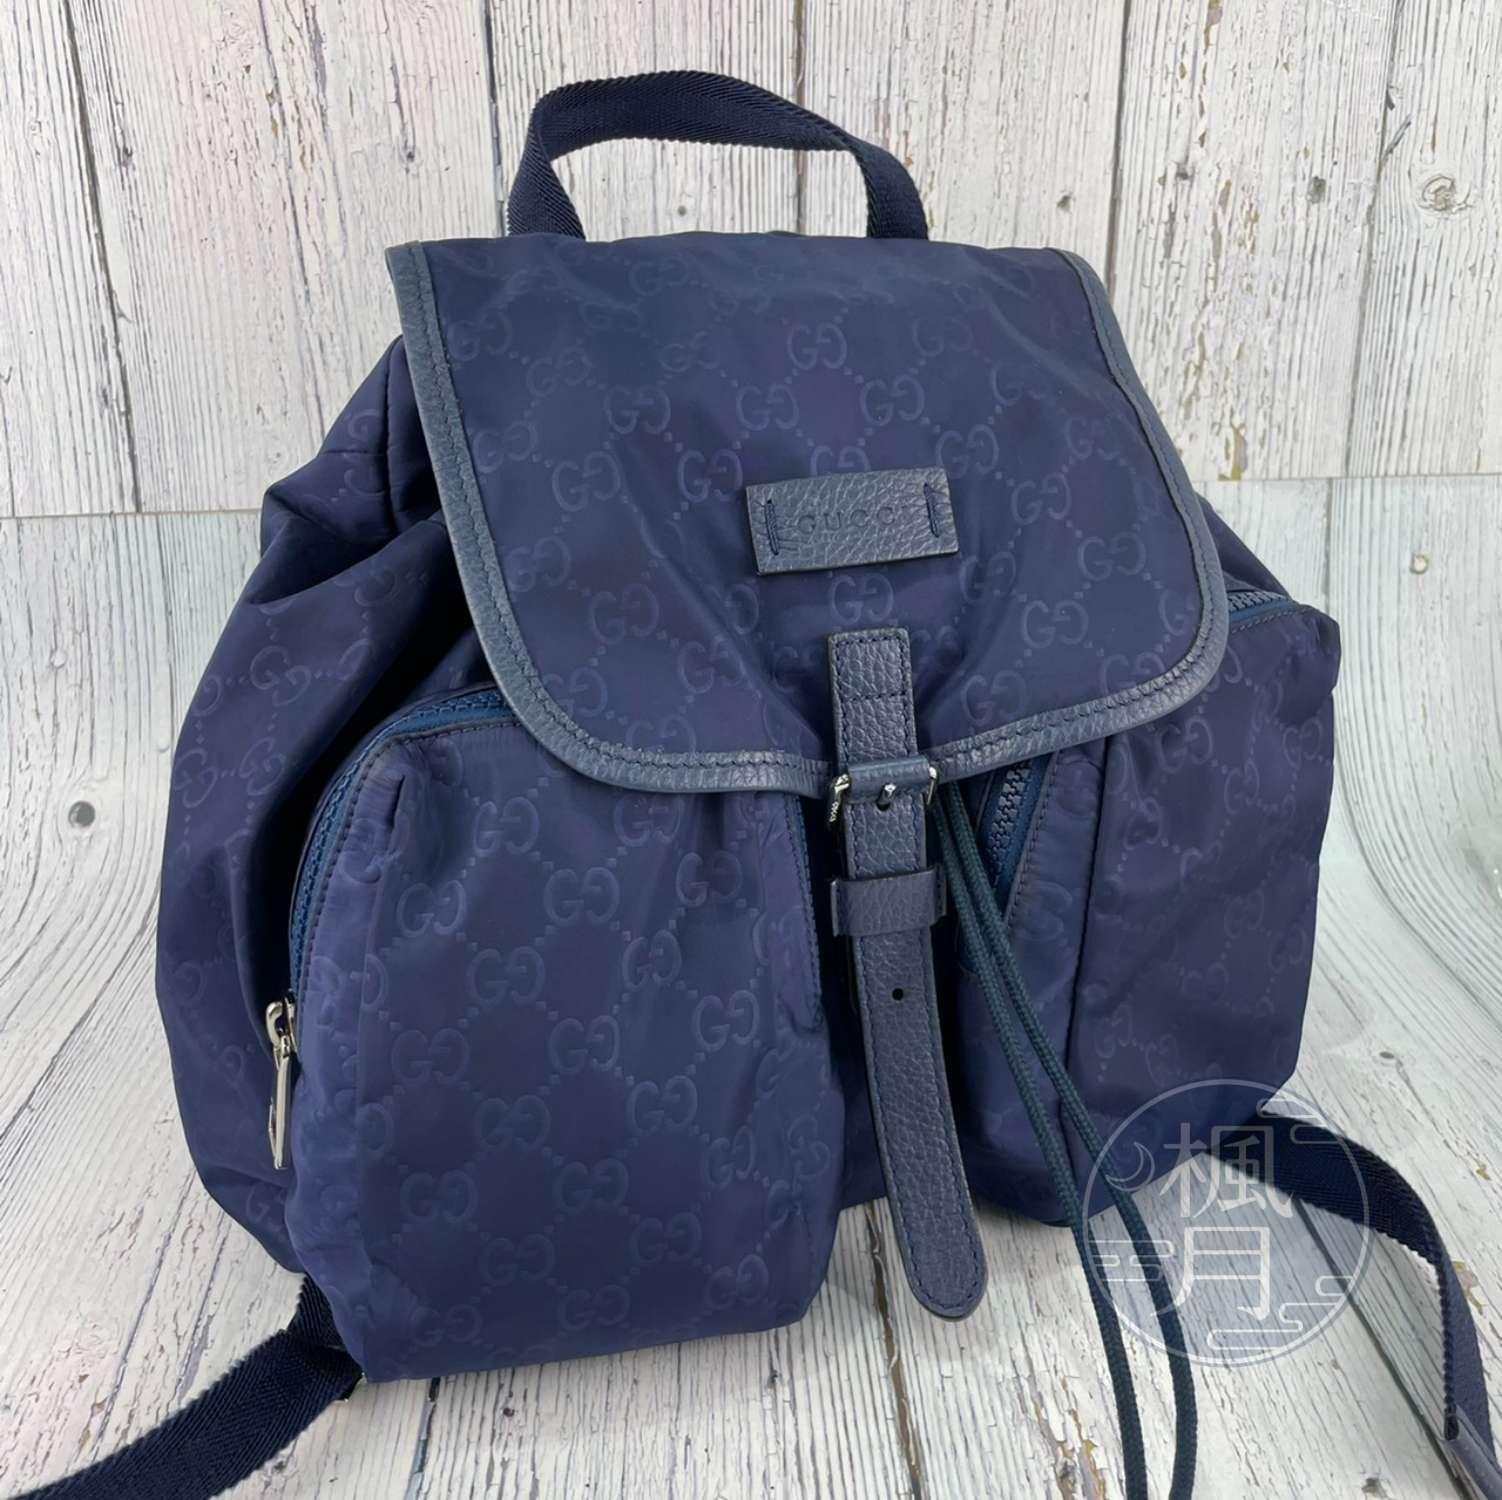 BRAND楓月 GUCCI 古馳 510343 藍色尼龍後背包 經典GG紋印花 束口袋 雙肩背包 肩背包